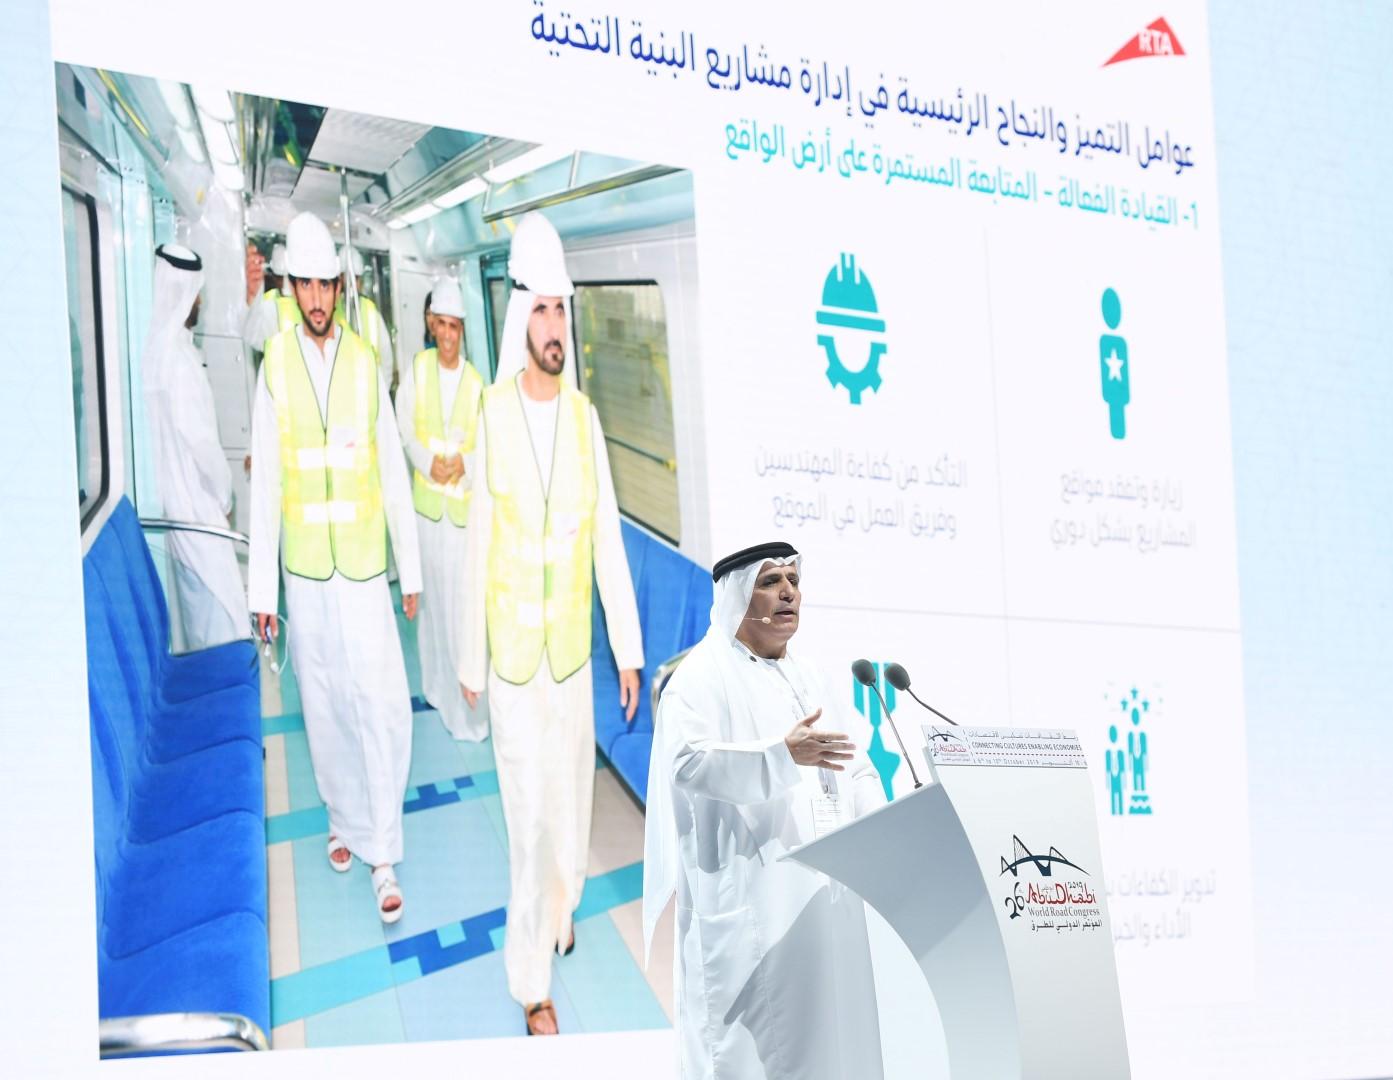 الطاير: استثمارات حكومة دبي في البنية التحتية للطرق والمواصلات وفرت 169 مليار درهم